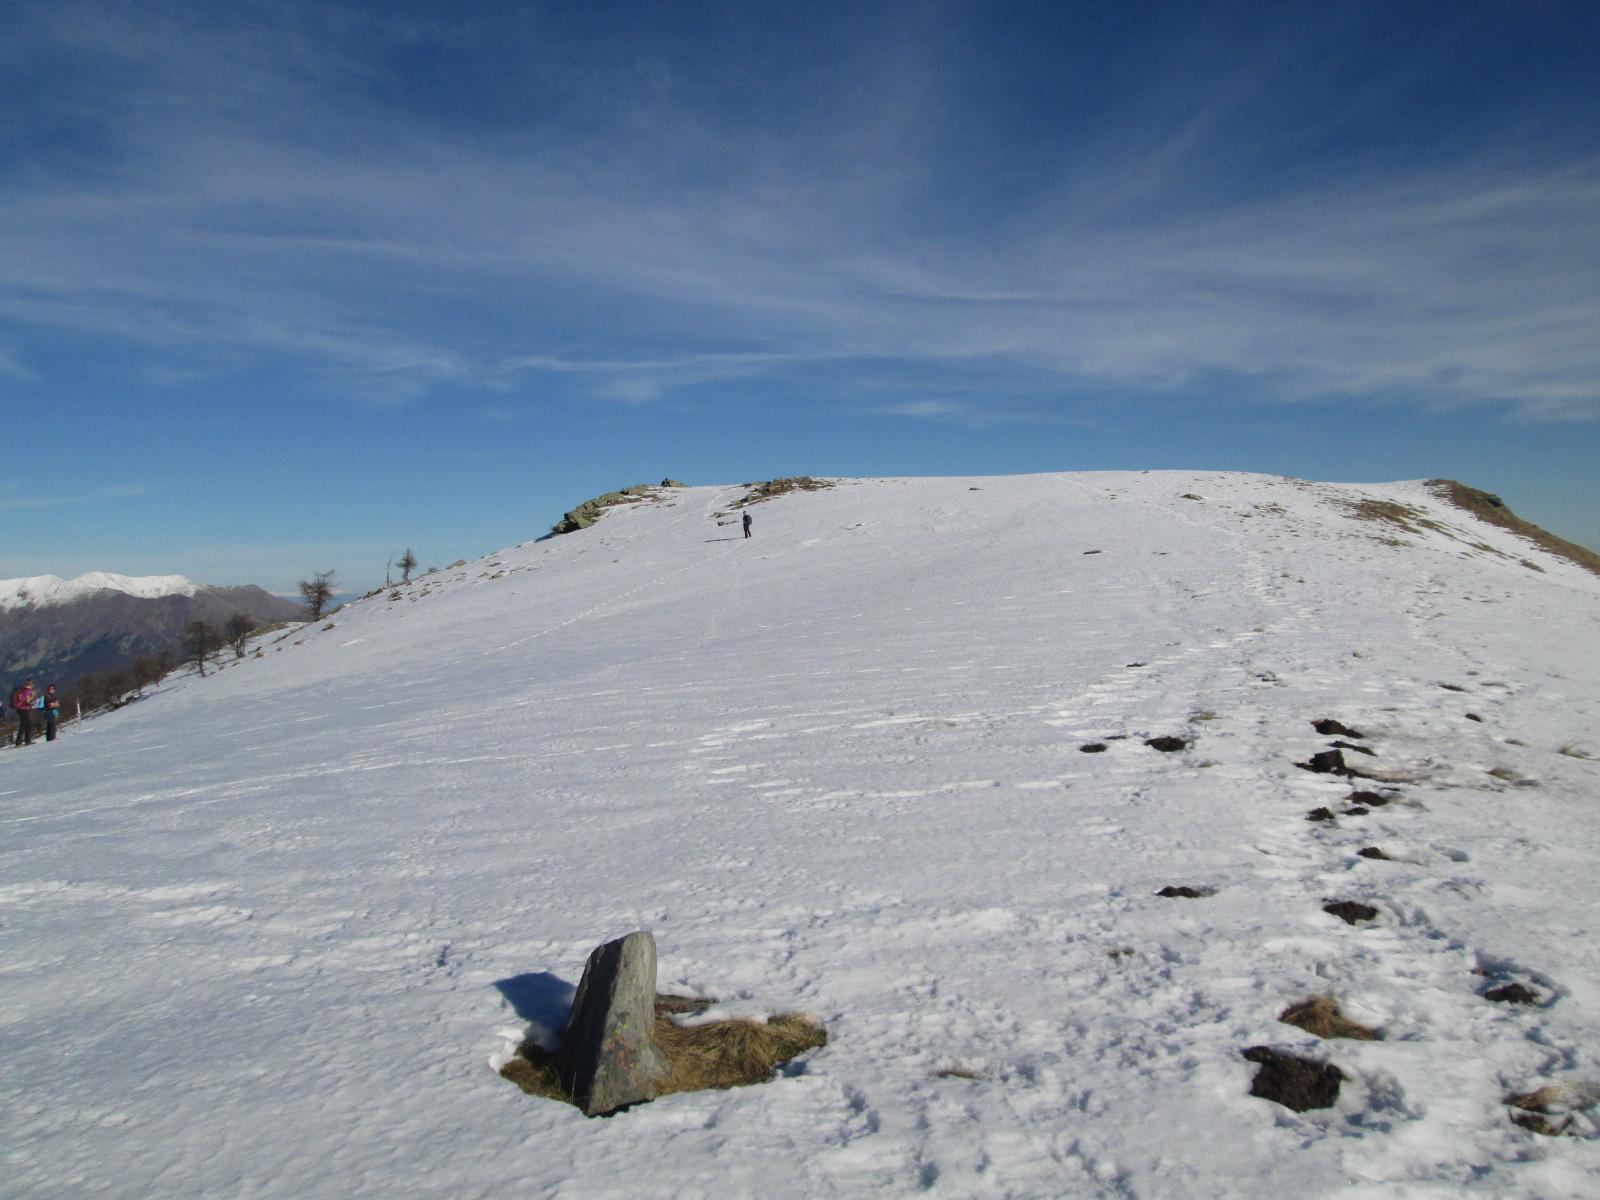 un po' di neve in vetta